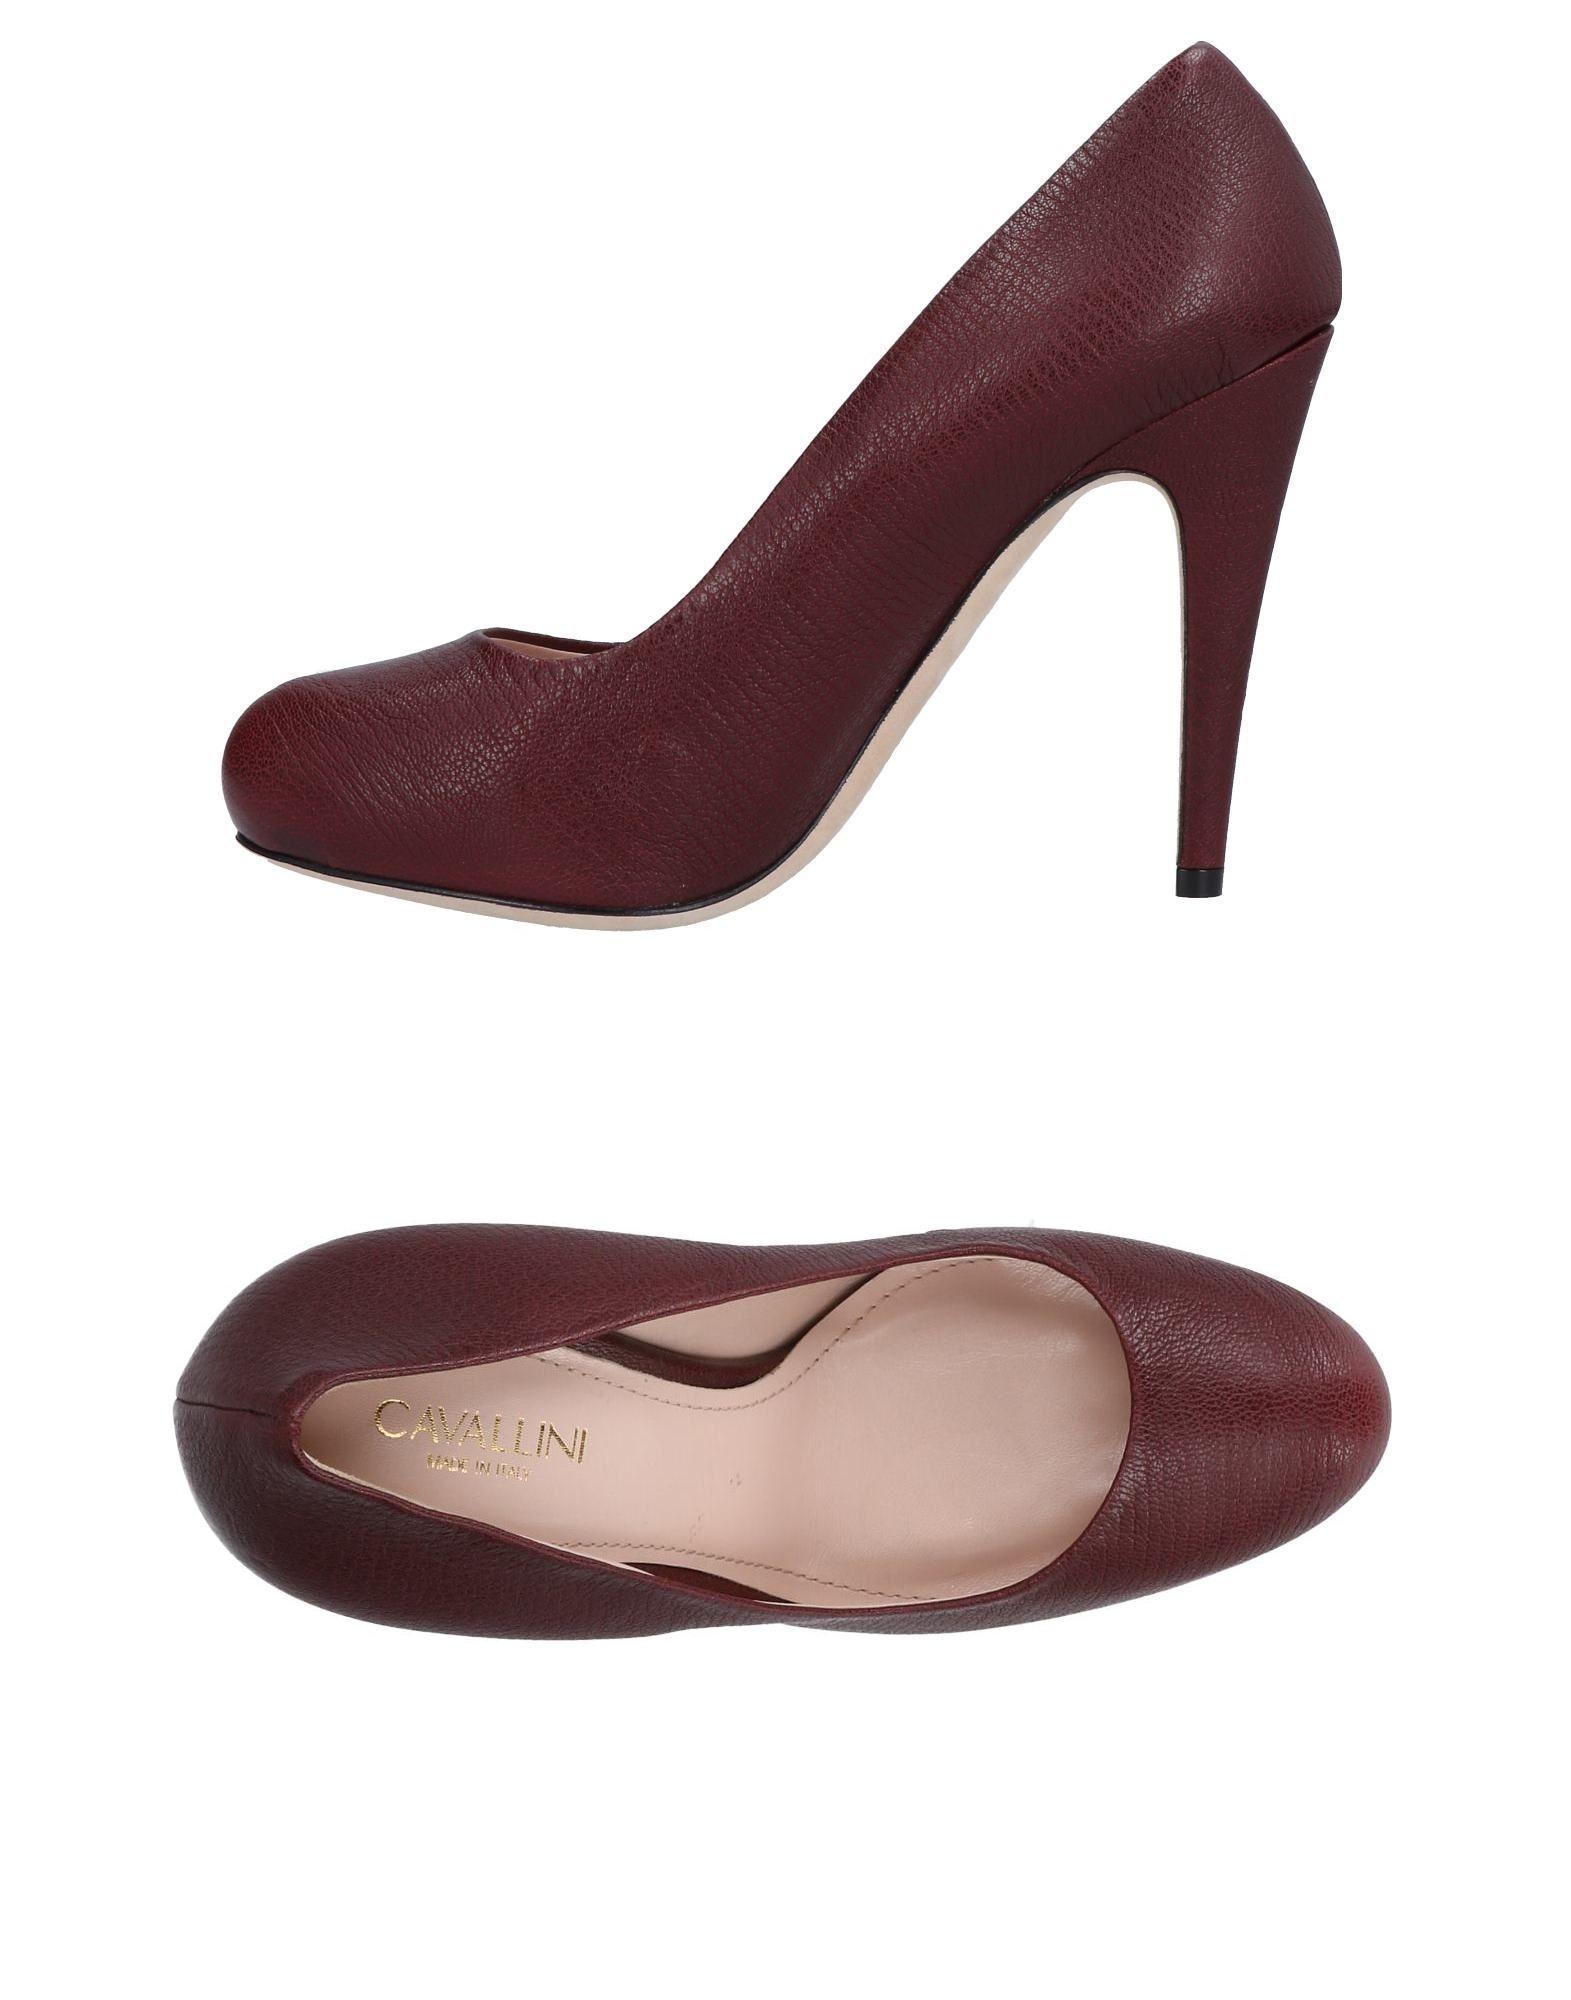 Haltbare Mode billige Schuhe Cavallini Pumps Damen  11483981VN Heiße Schuhe